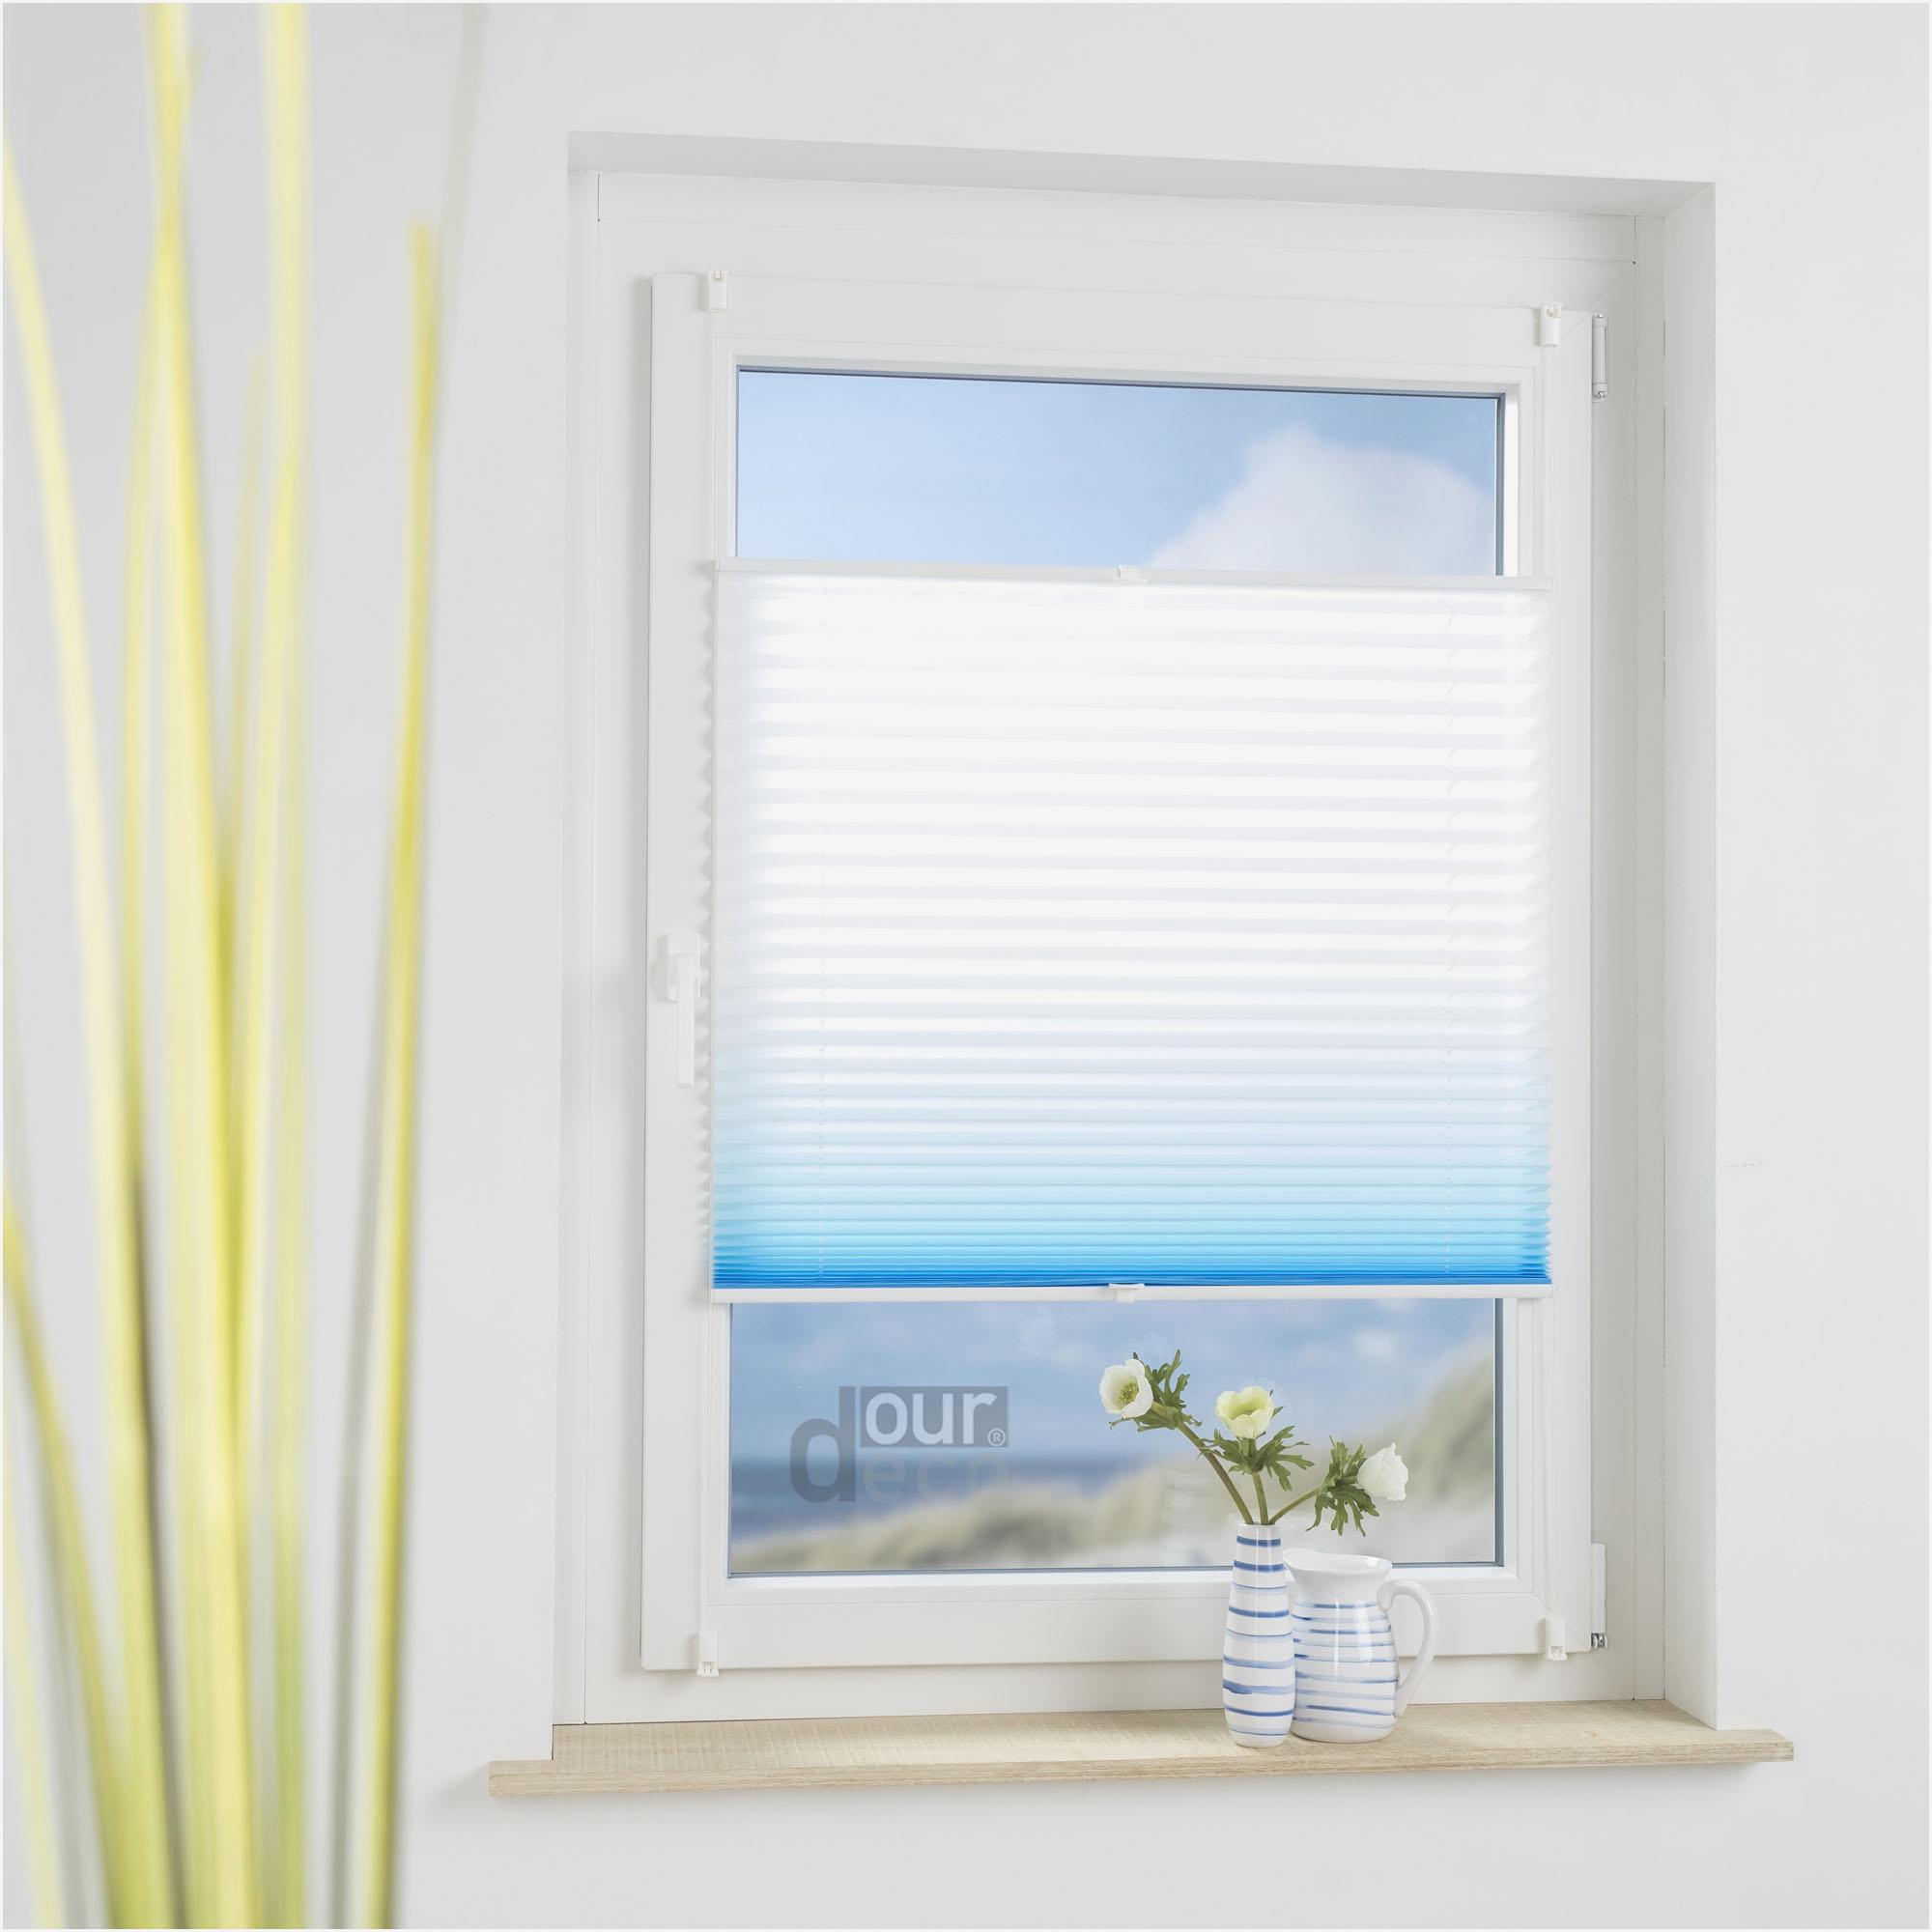 Full Size of Kinderzimmer Rollo Mit Motiv Plissee Traumhaus Regal Fenster Sofa Weiß Regale Kinderzimmer Plissee Kinderzimmer